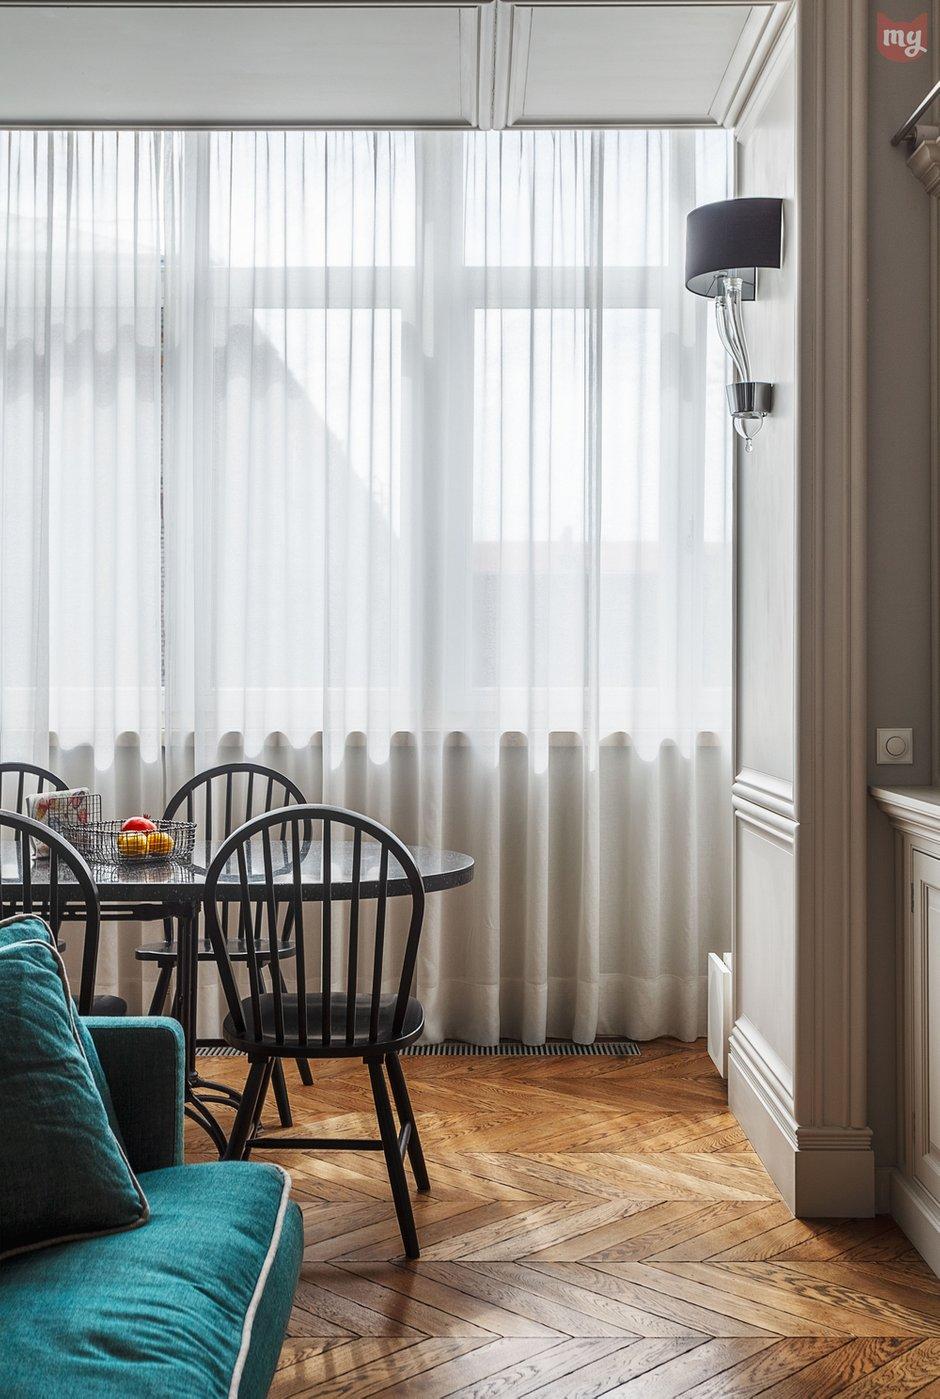 Фотография: Кухня и столовая в стиле Прованс и Кантри, Эклектика, Квартира, Проект недели, Москва, Ольга Абрамова, Монолитный дом, 3 комнаты, Более 90 метров – фото на INMYROOM